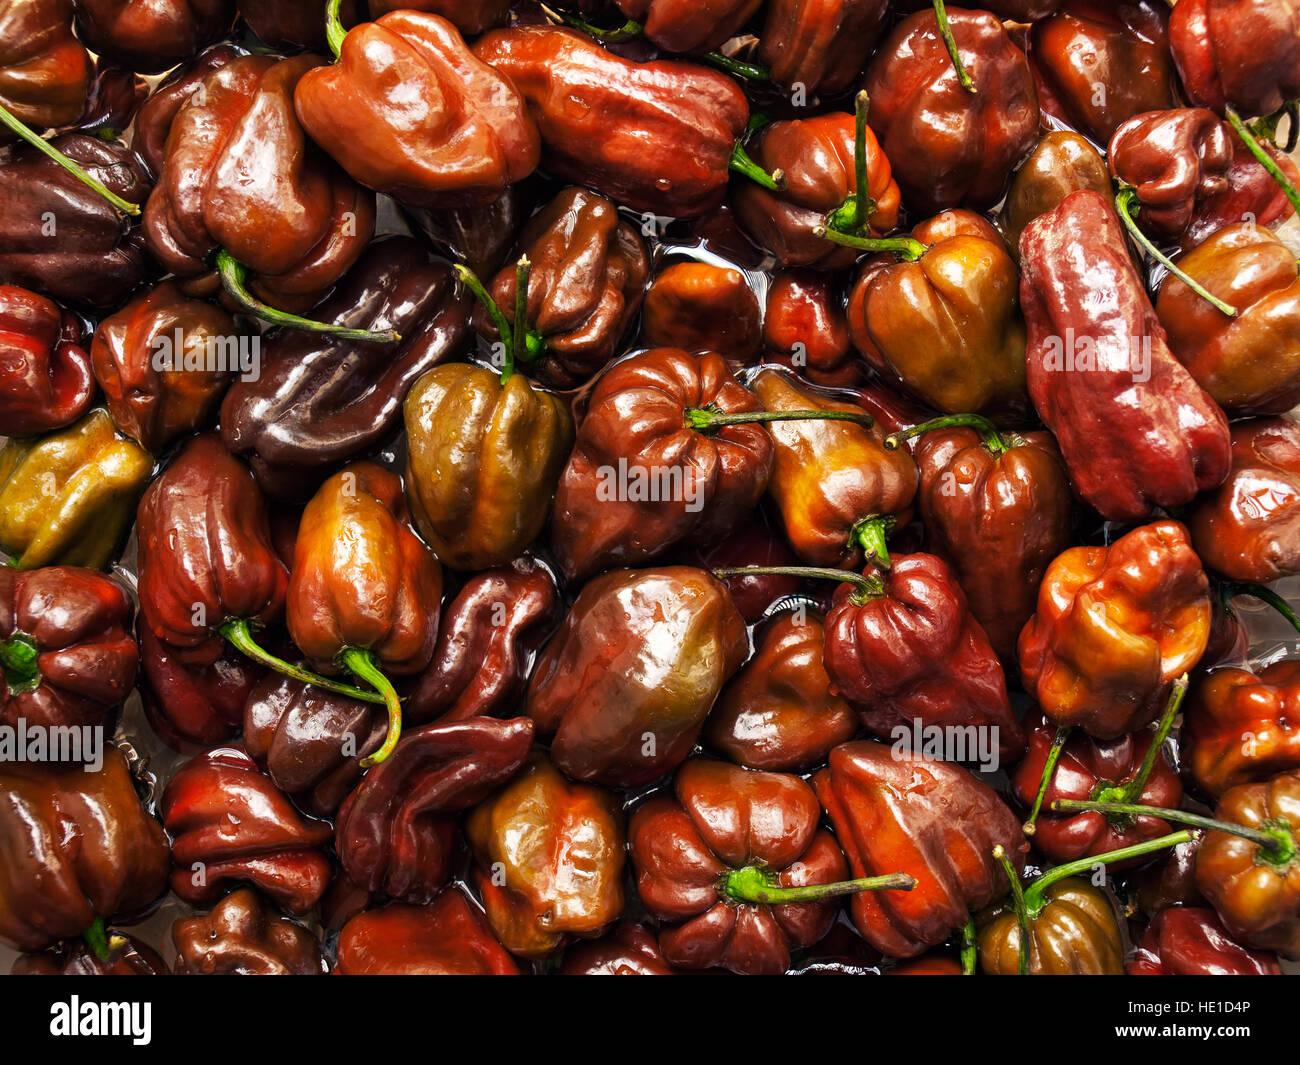 Beaucoup de chocolat Habanero peppers dans l'eau. Photo Stock